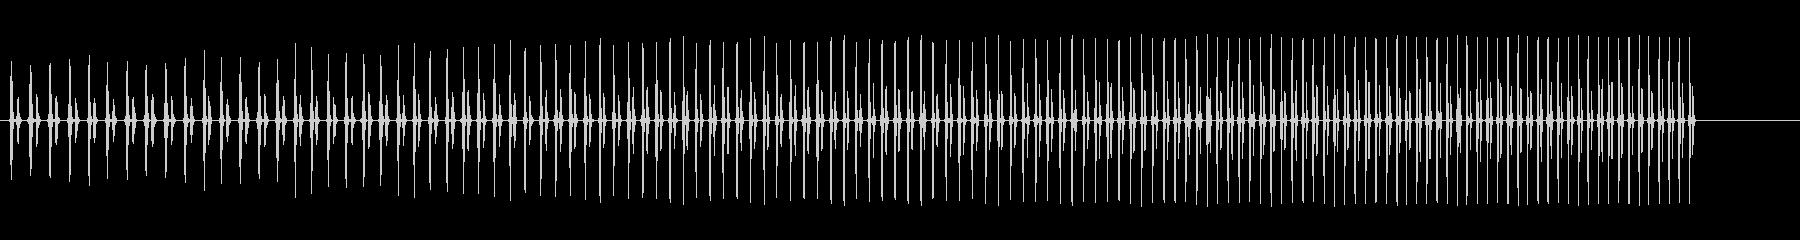 ハートビート、スピードアップの未再生の波形